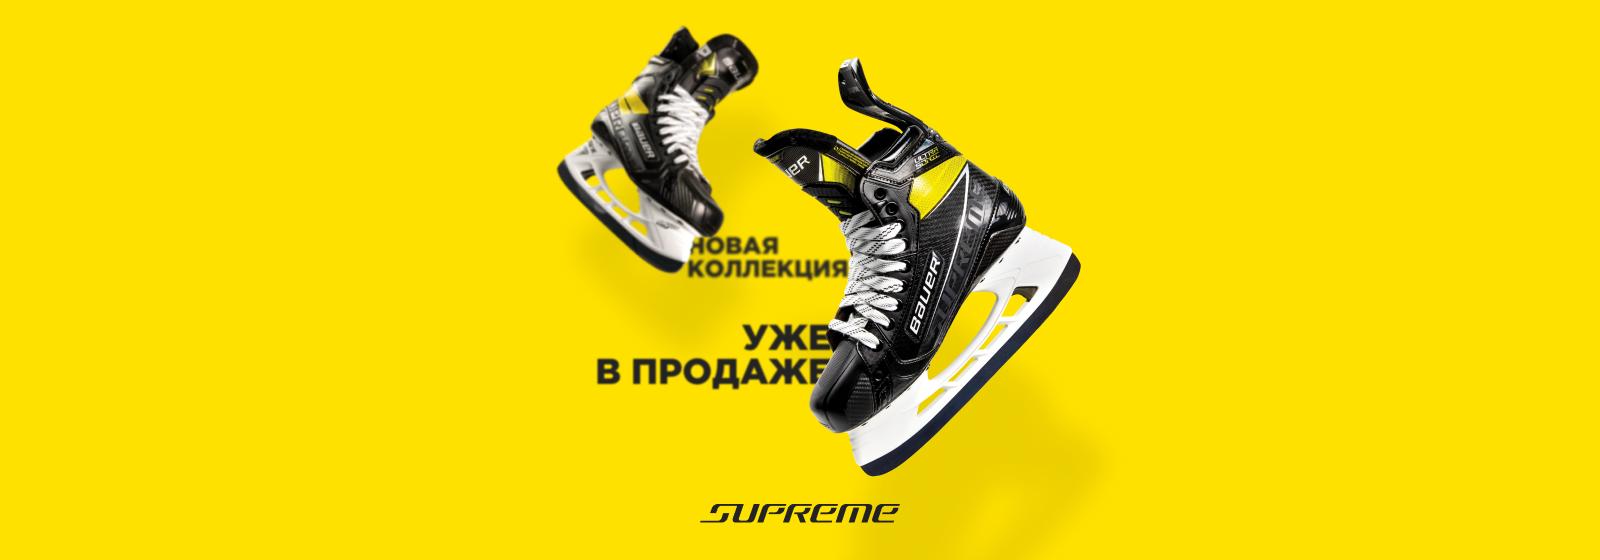 Supreme Skate 2020